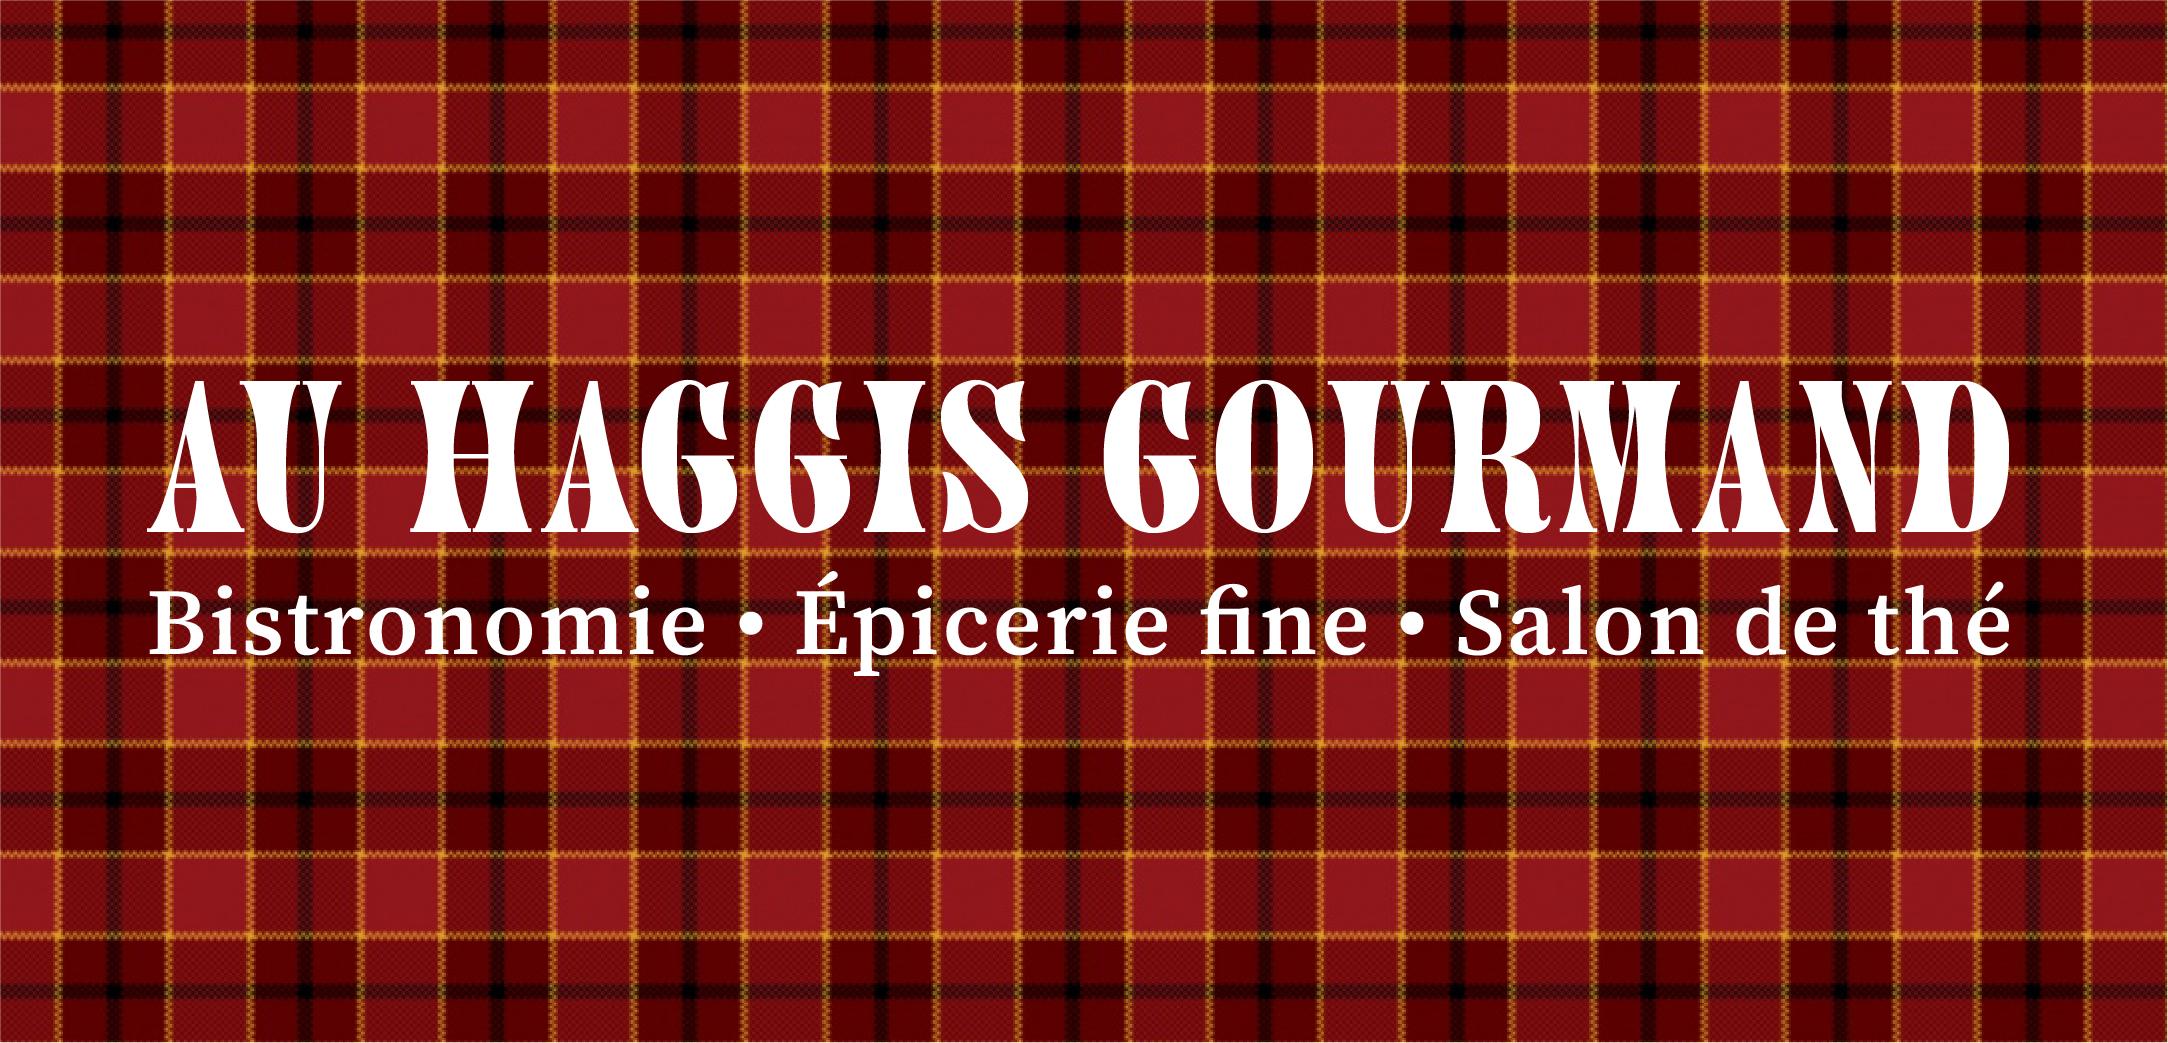 Au Haggis gourmand